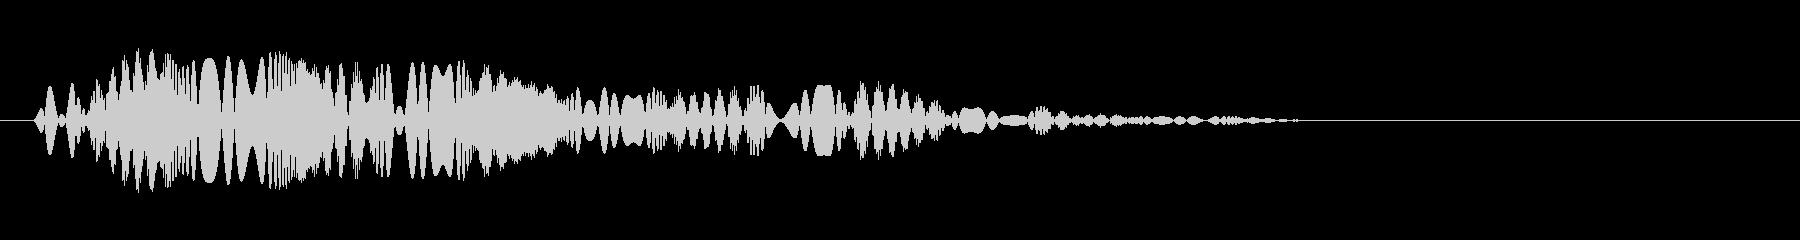 急に止まる音の効果音の未再生の波形